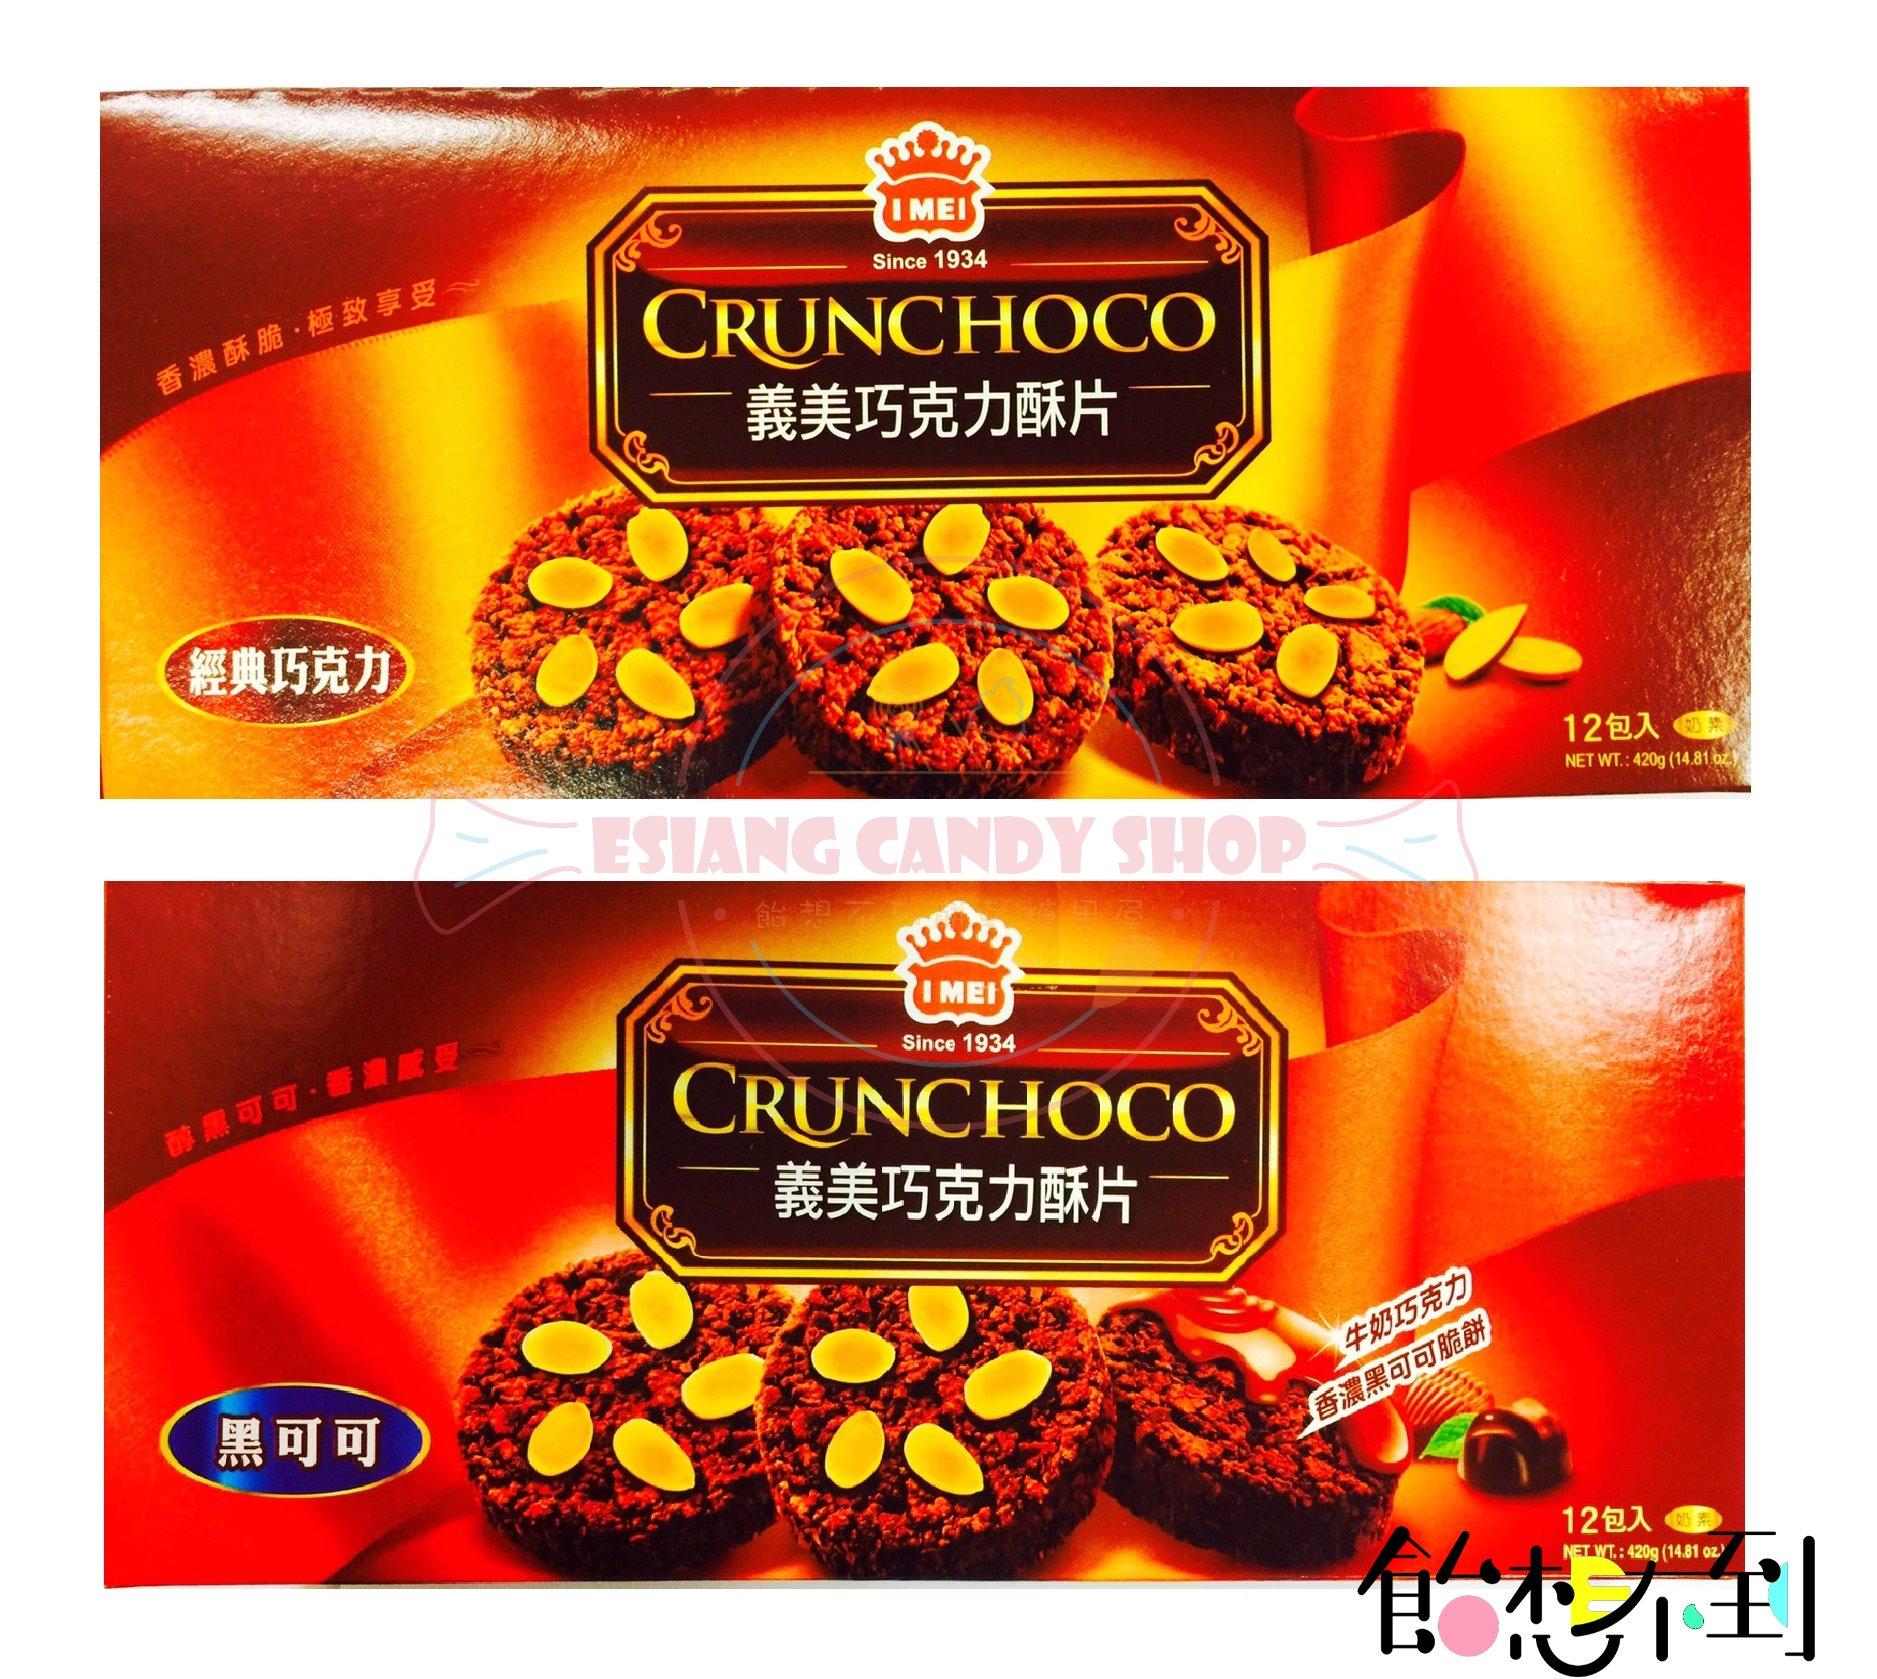 【義美】巧克力酥片12入 420g - 經典原味/黑可可 (整盒販售)